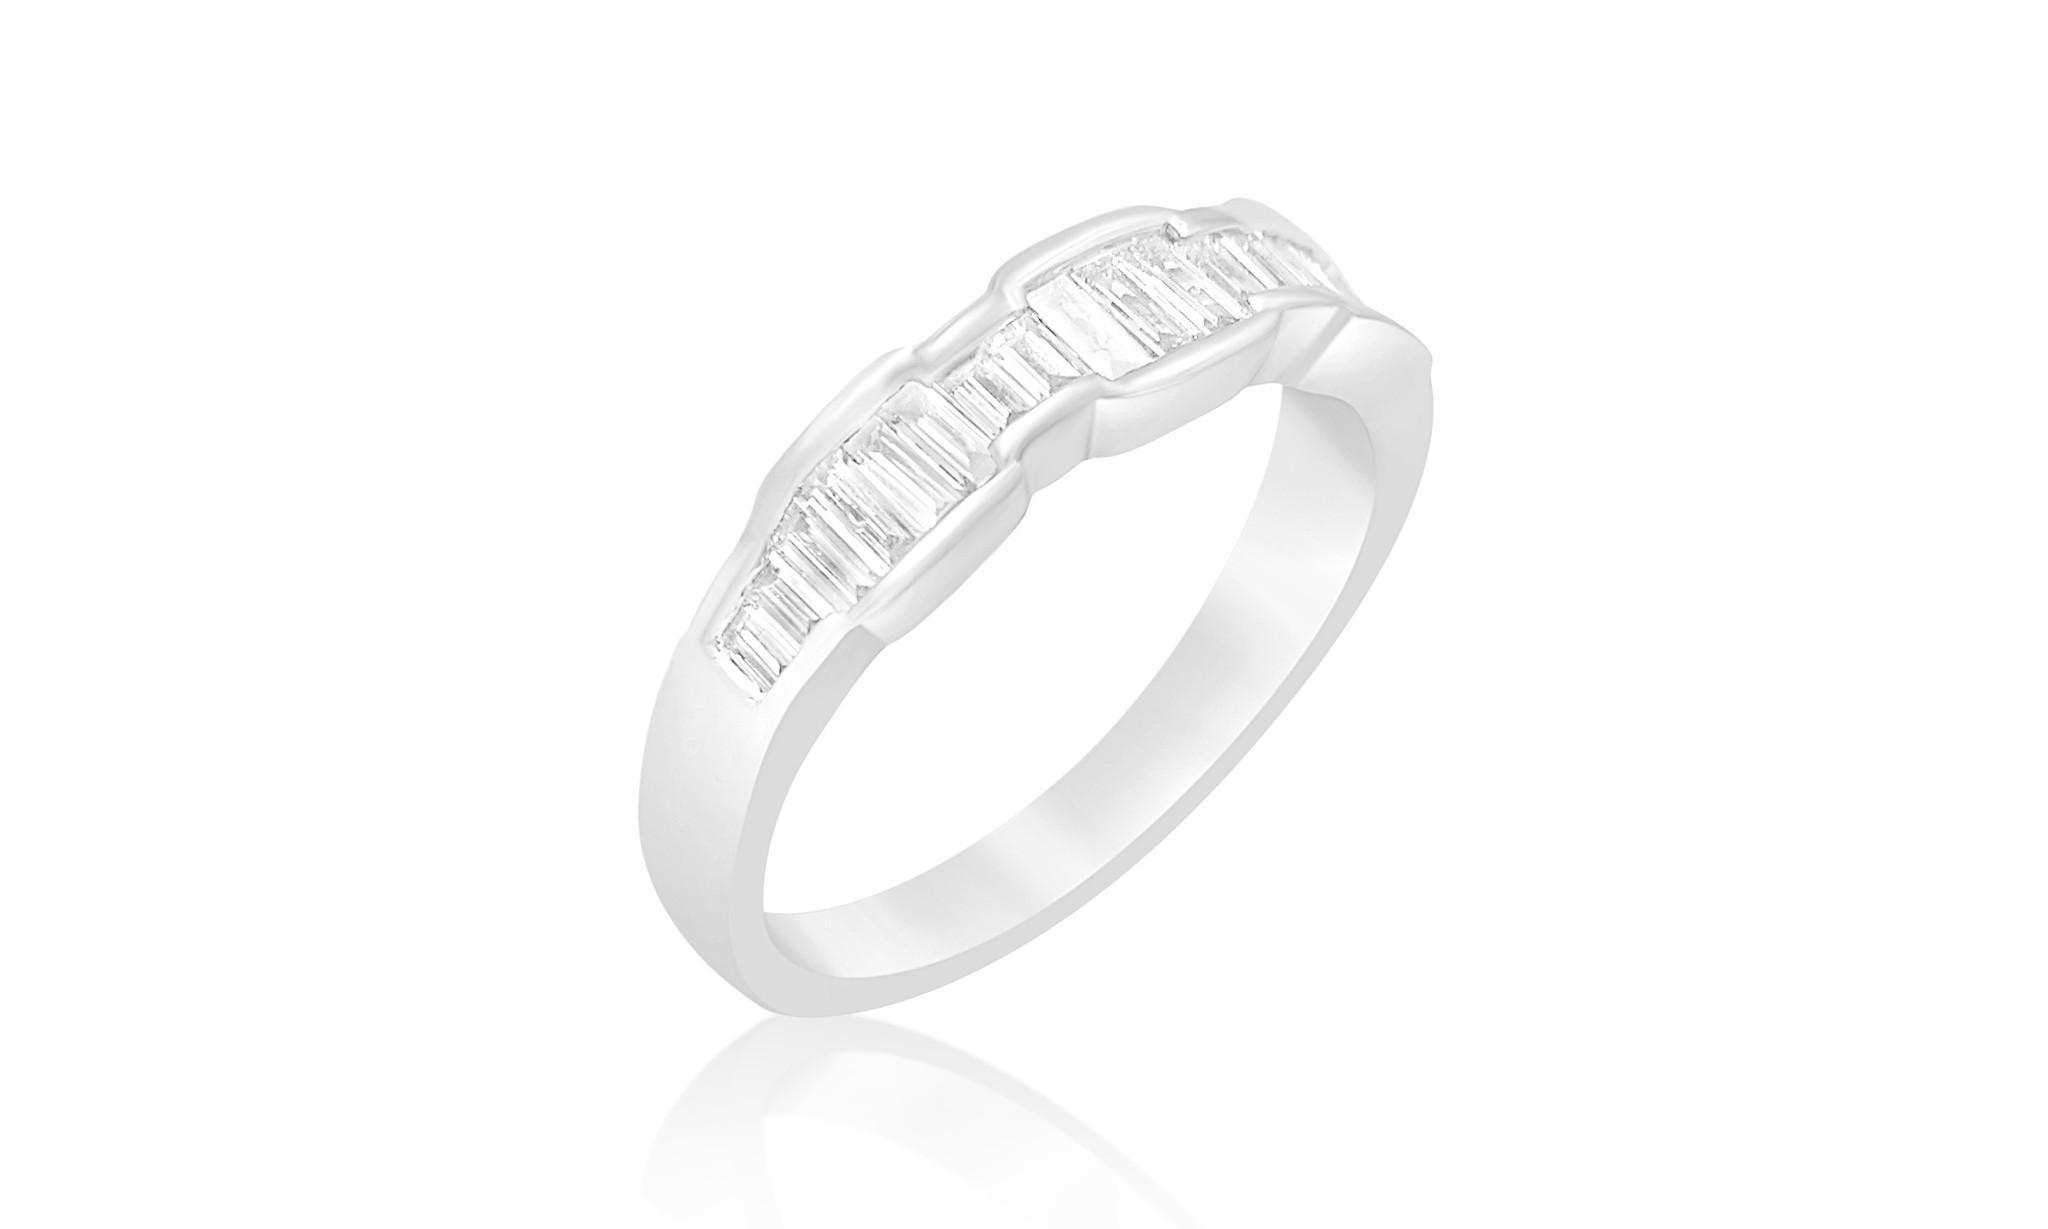 18kt wit goud ring met 0.60 CT diamanten